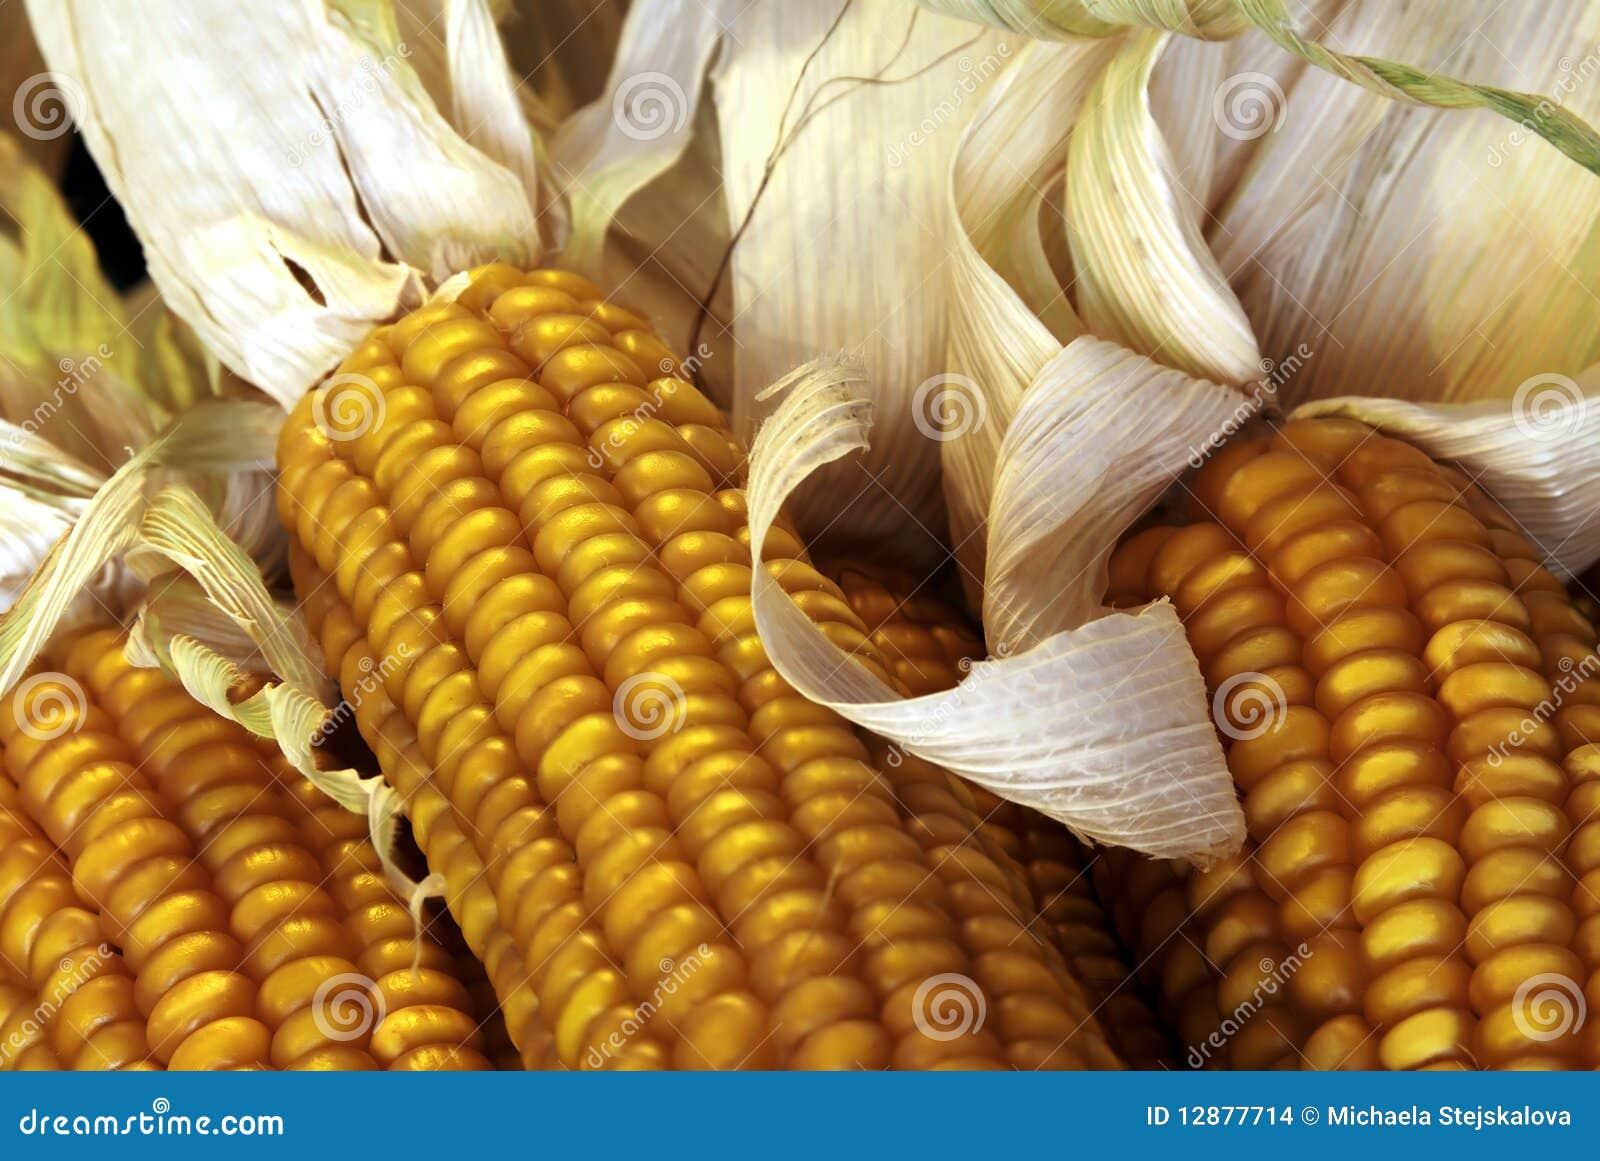 Ciérrese para arriba de mazorcas de maíz